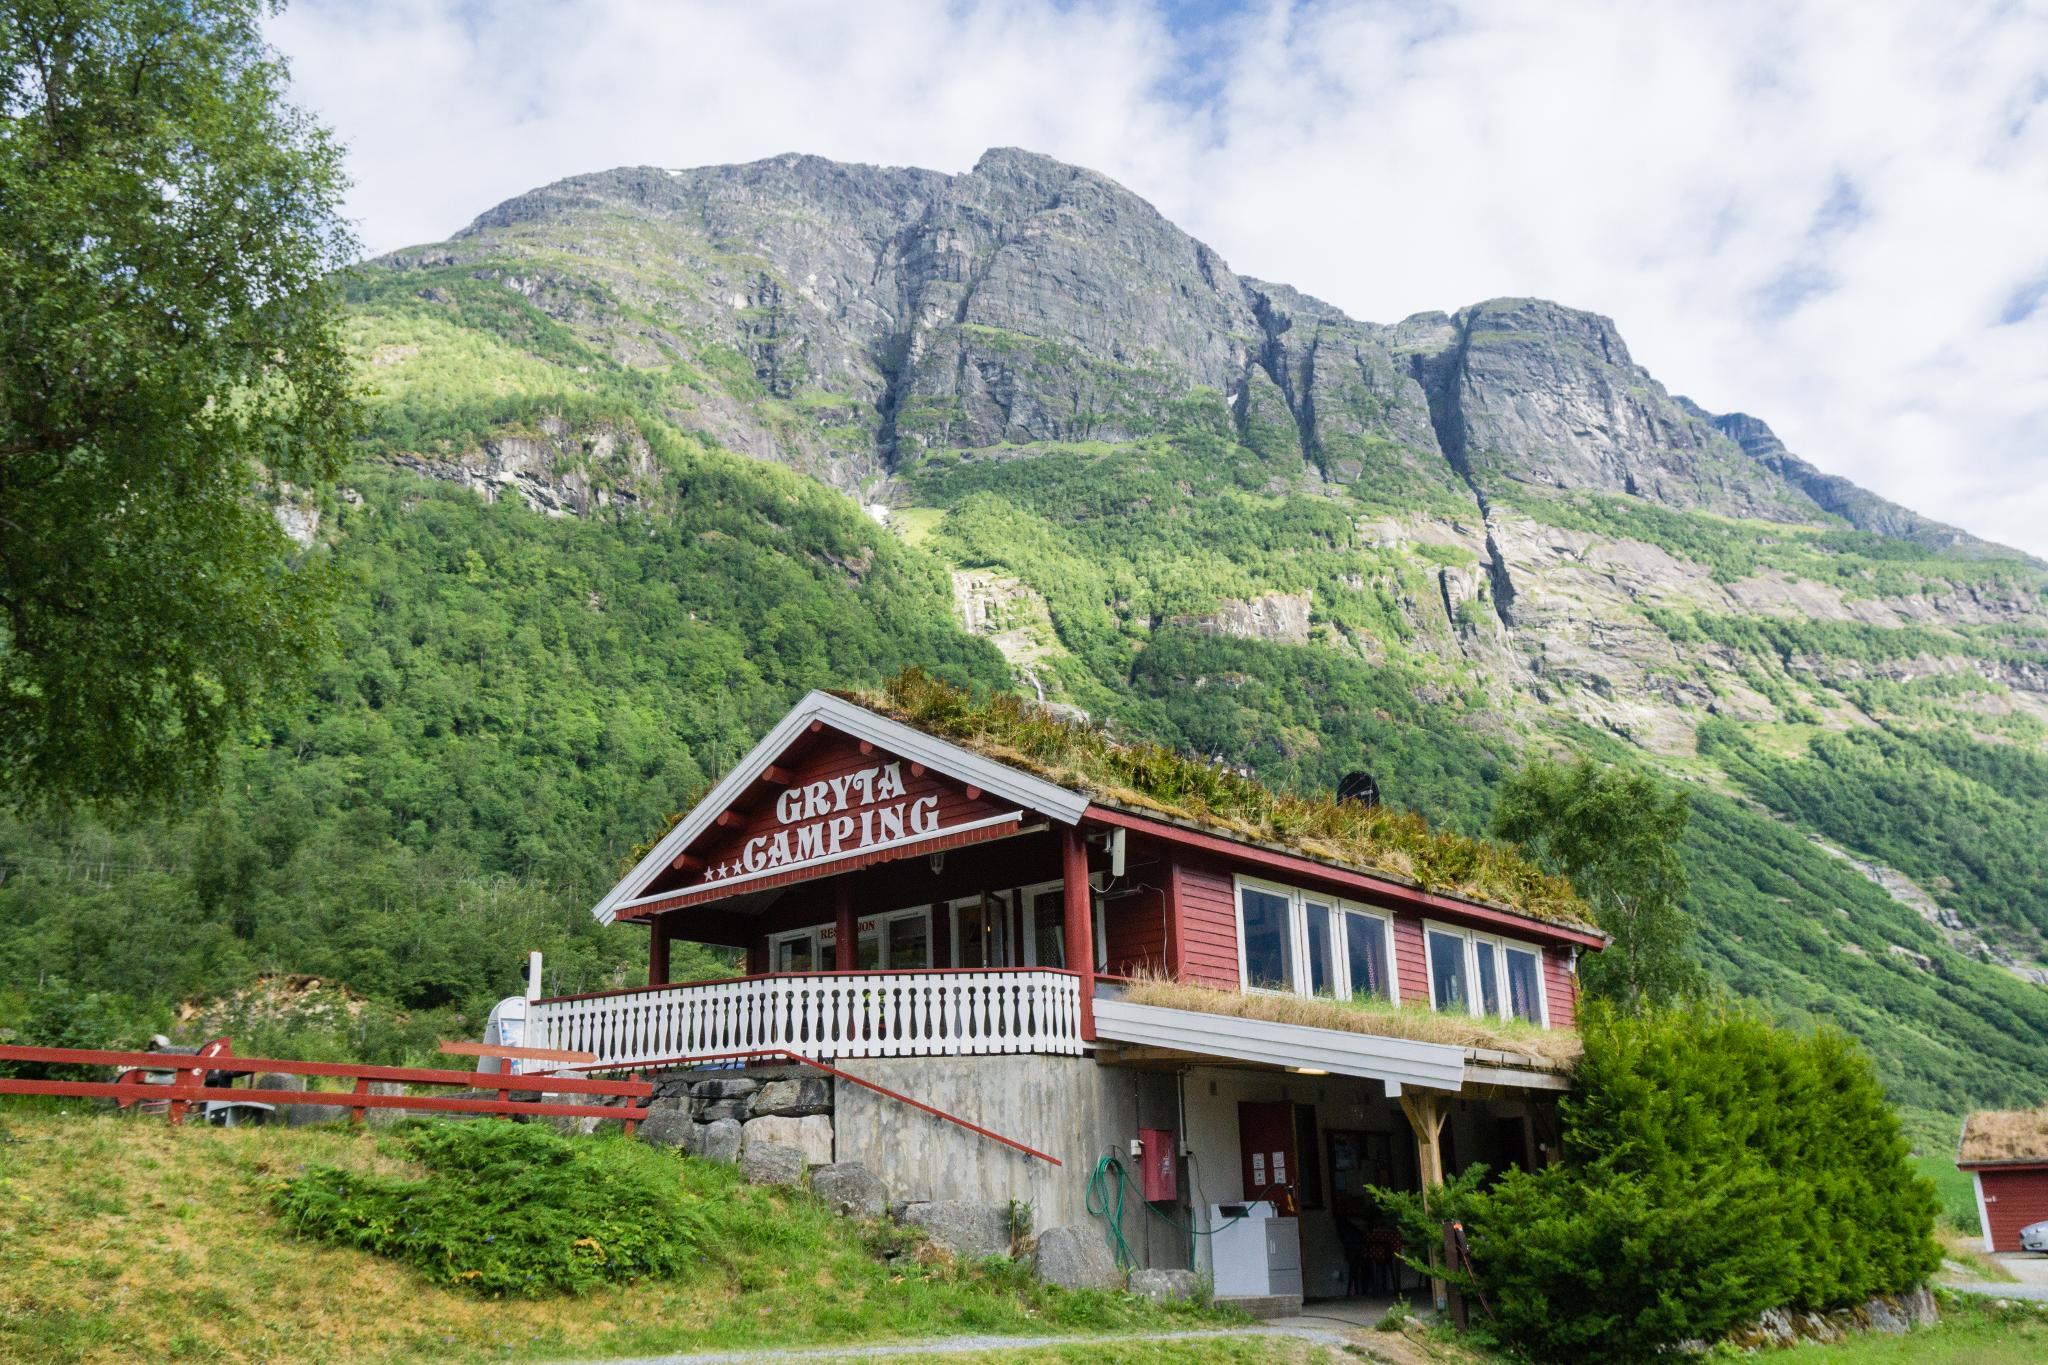 【北歐露營】擁抱Briksdal Glacier的怦然心動 - 在冰河最前緣露營的Gryta Camping 5